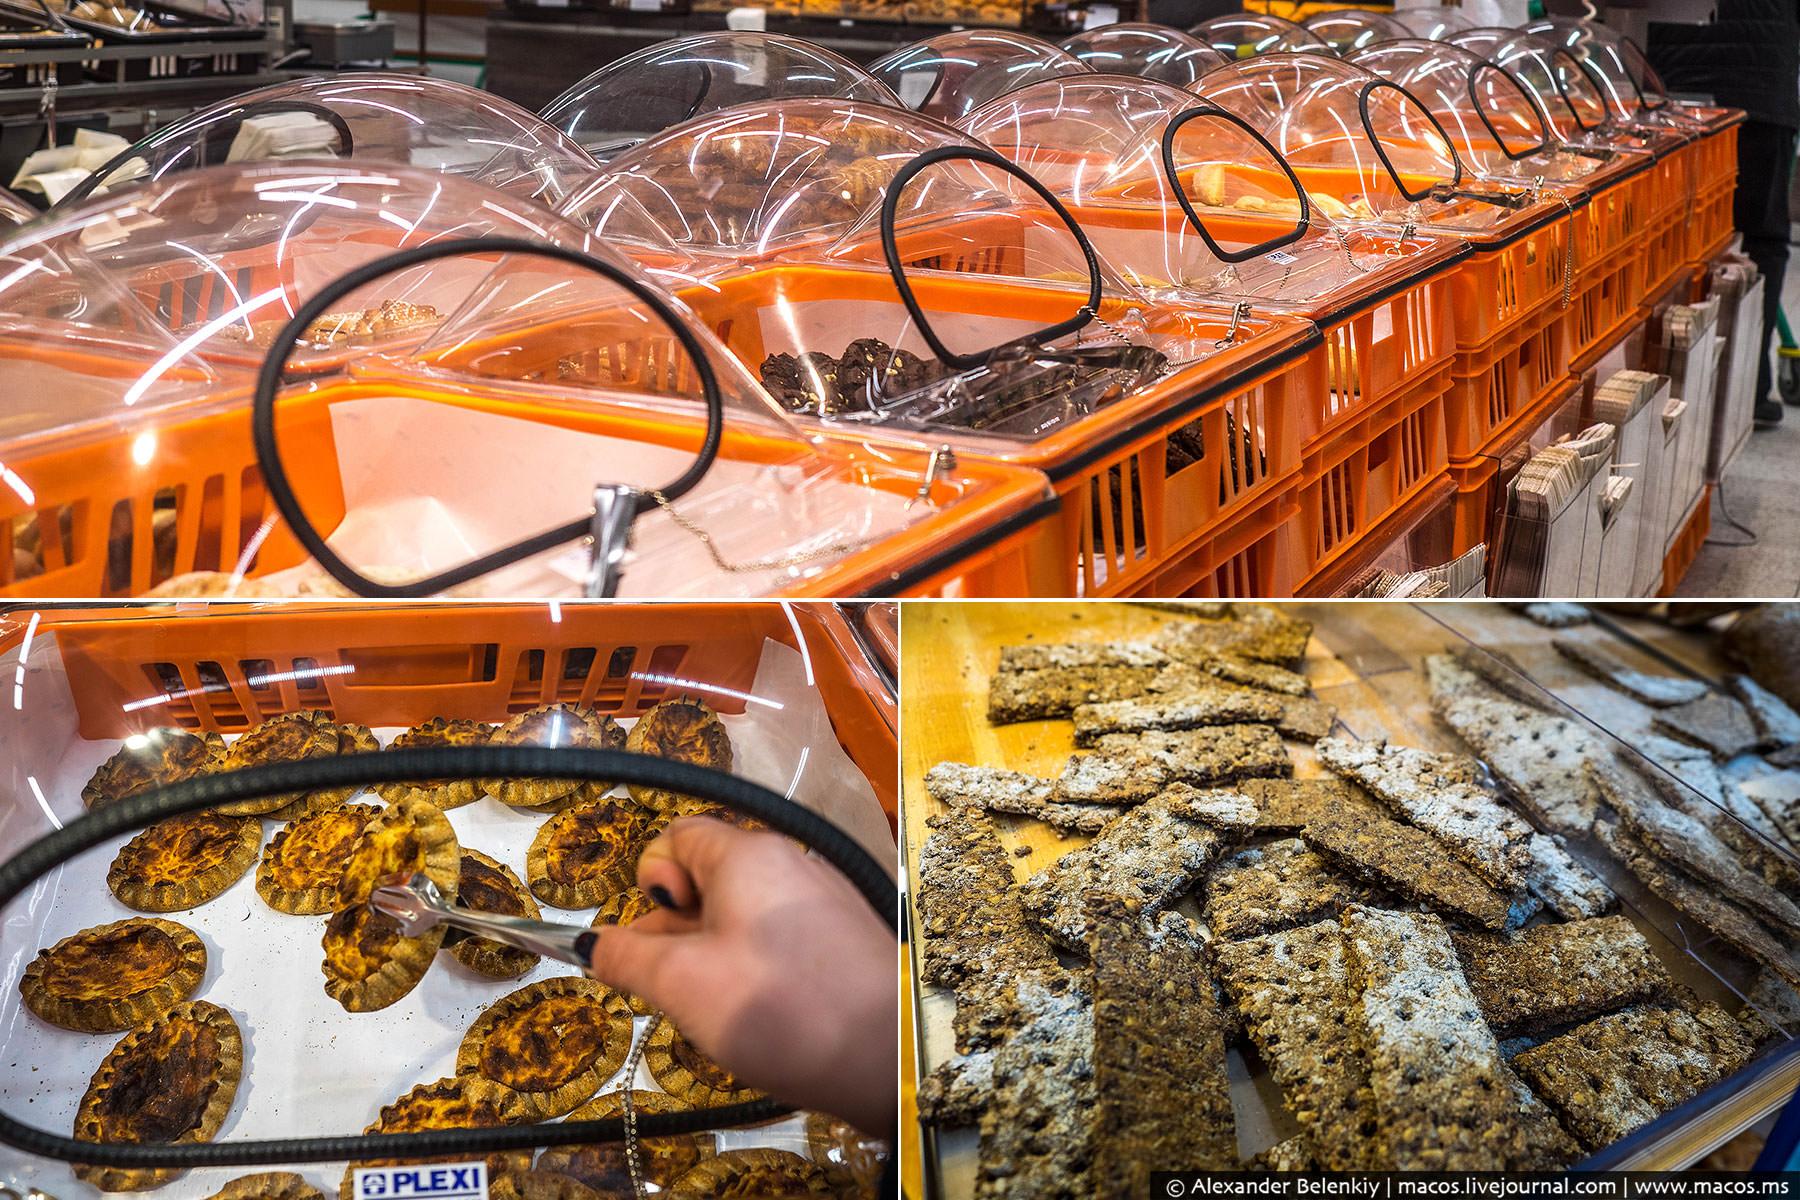 В хлебном отделе много черного. Это хорошо, мало где в Европе знают ржаной хлеб. У финнов есть даже